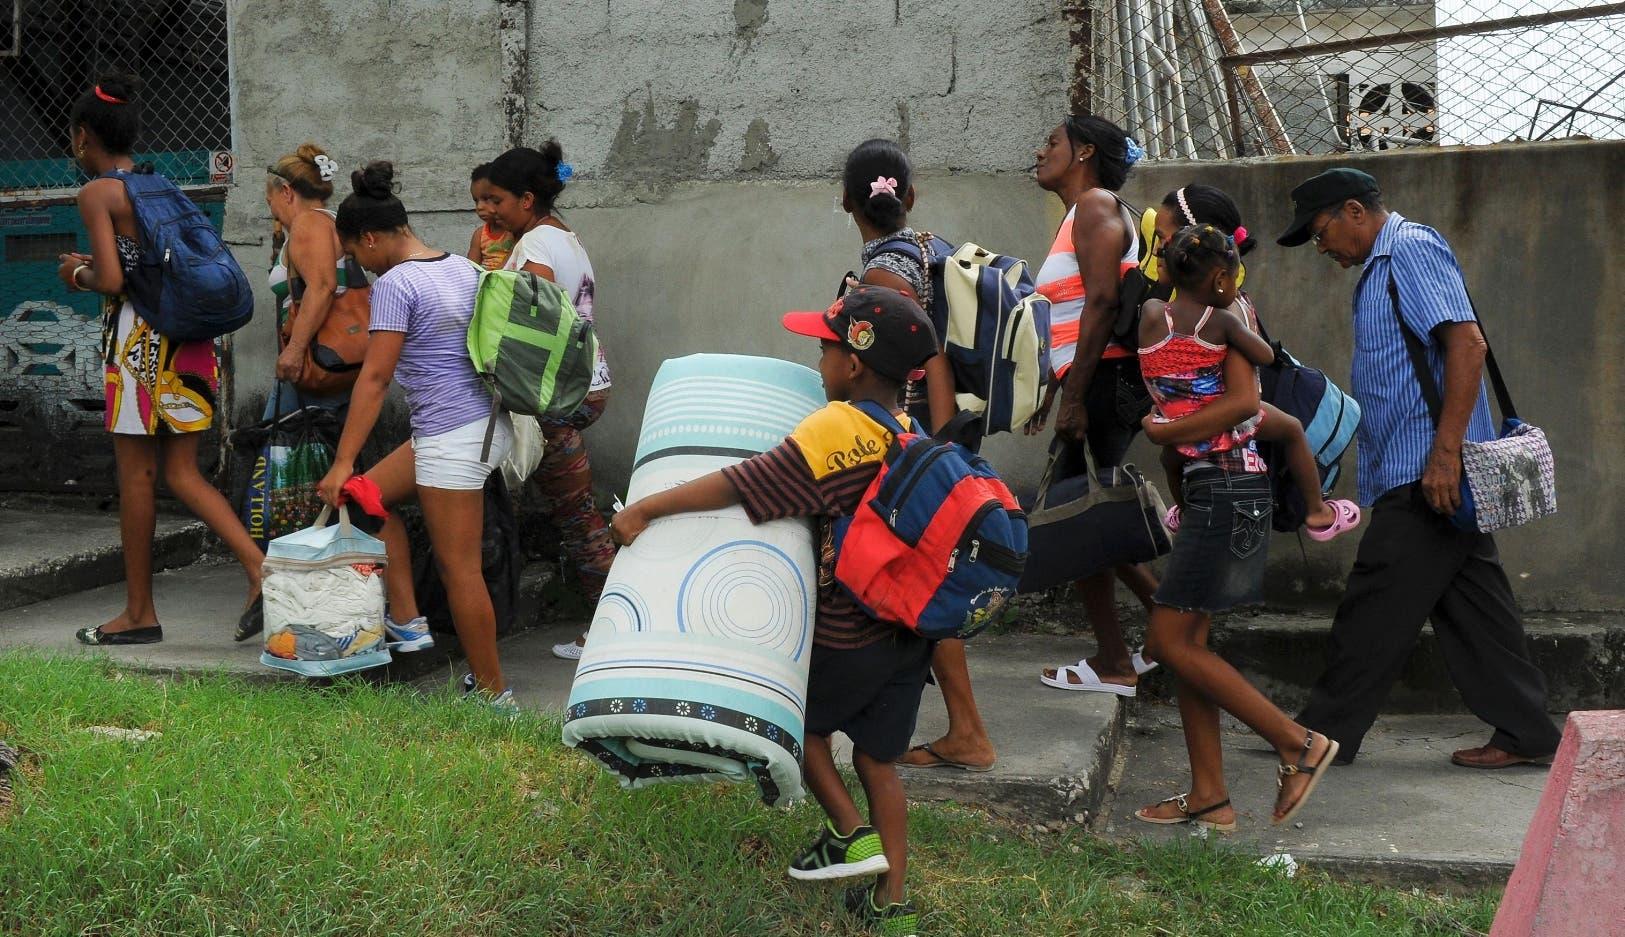 Tormenta de categoría cuatro en su paso por Haití — El huracán Matthew